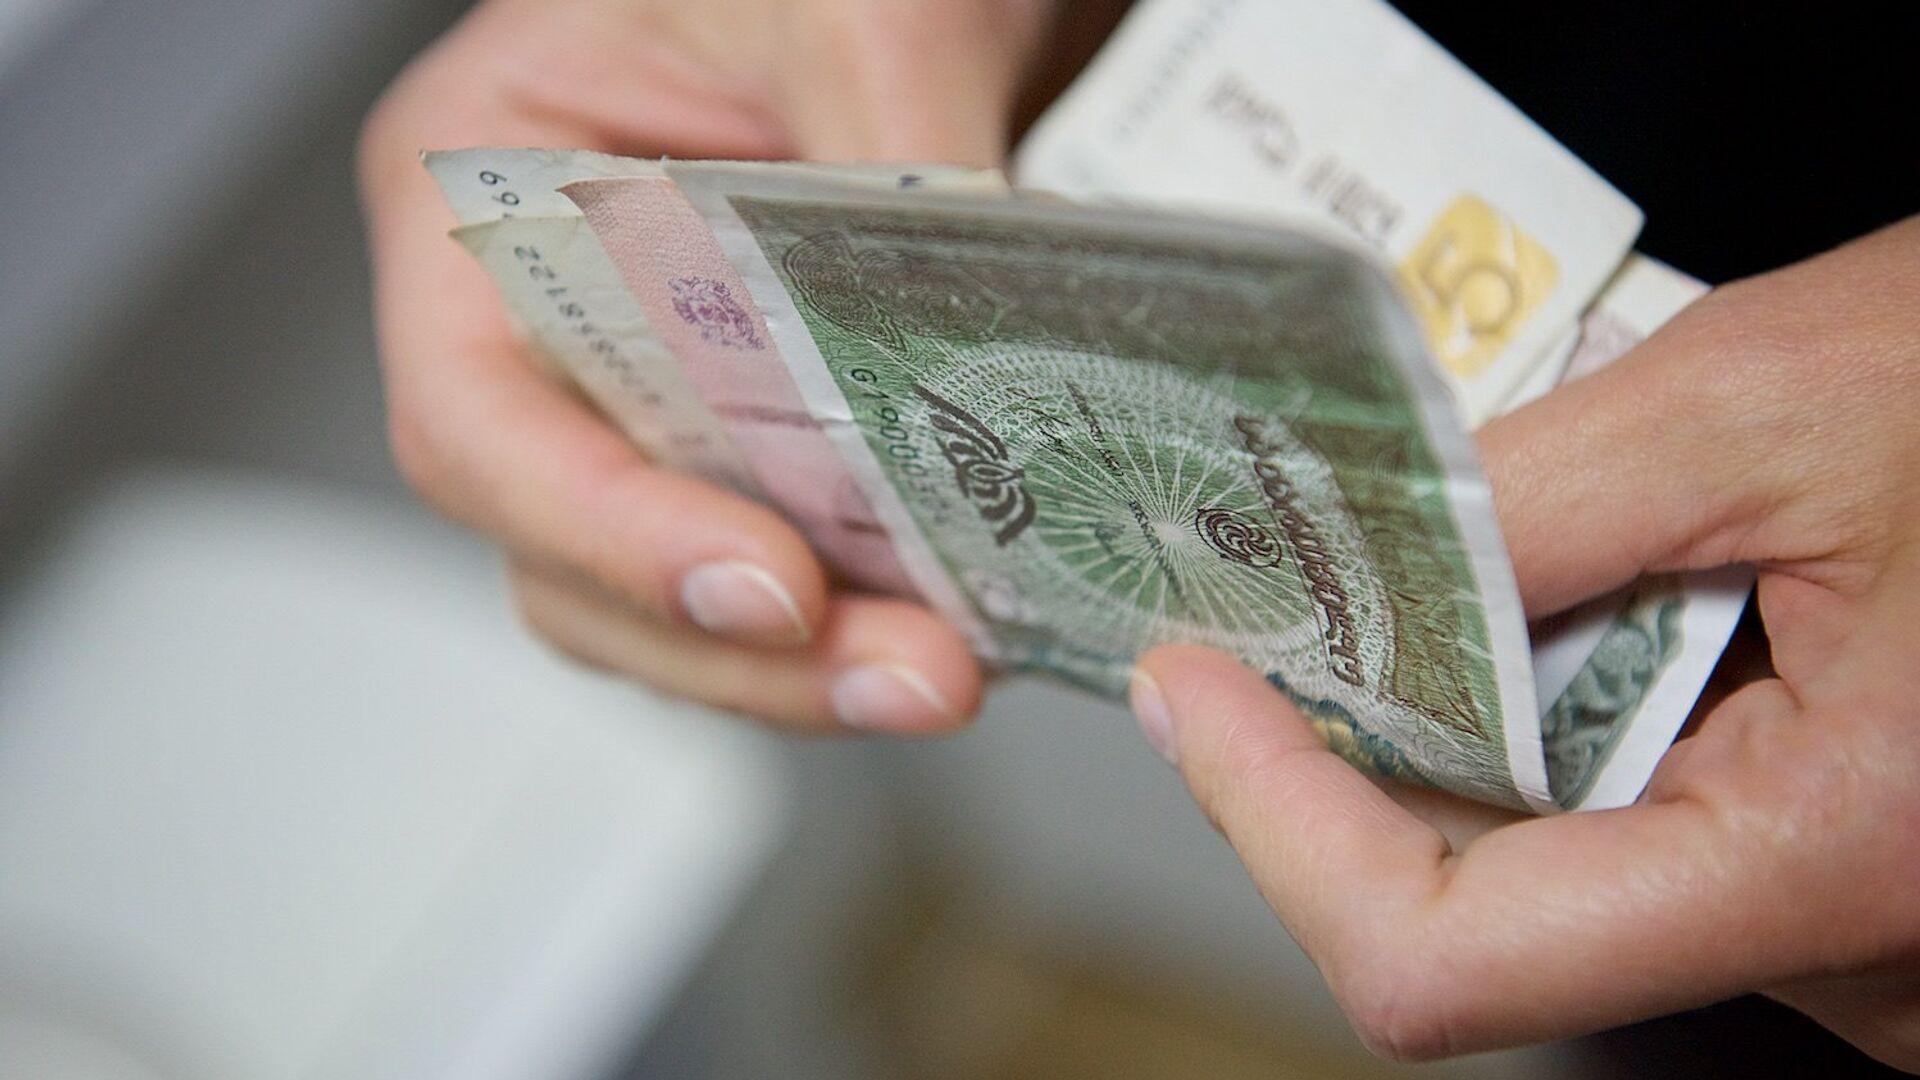 Человек держит в руках купюры грузинской валюты лари различного номинала - Sputnik Грузия, 1920, 06.10.2021